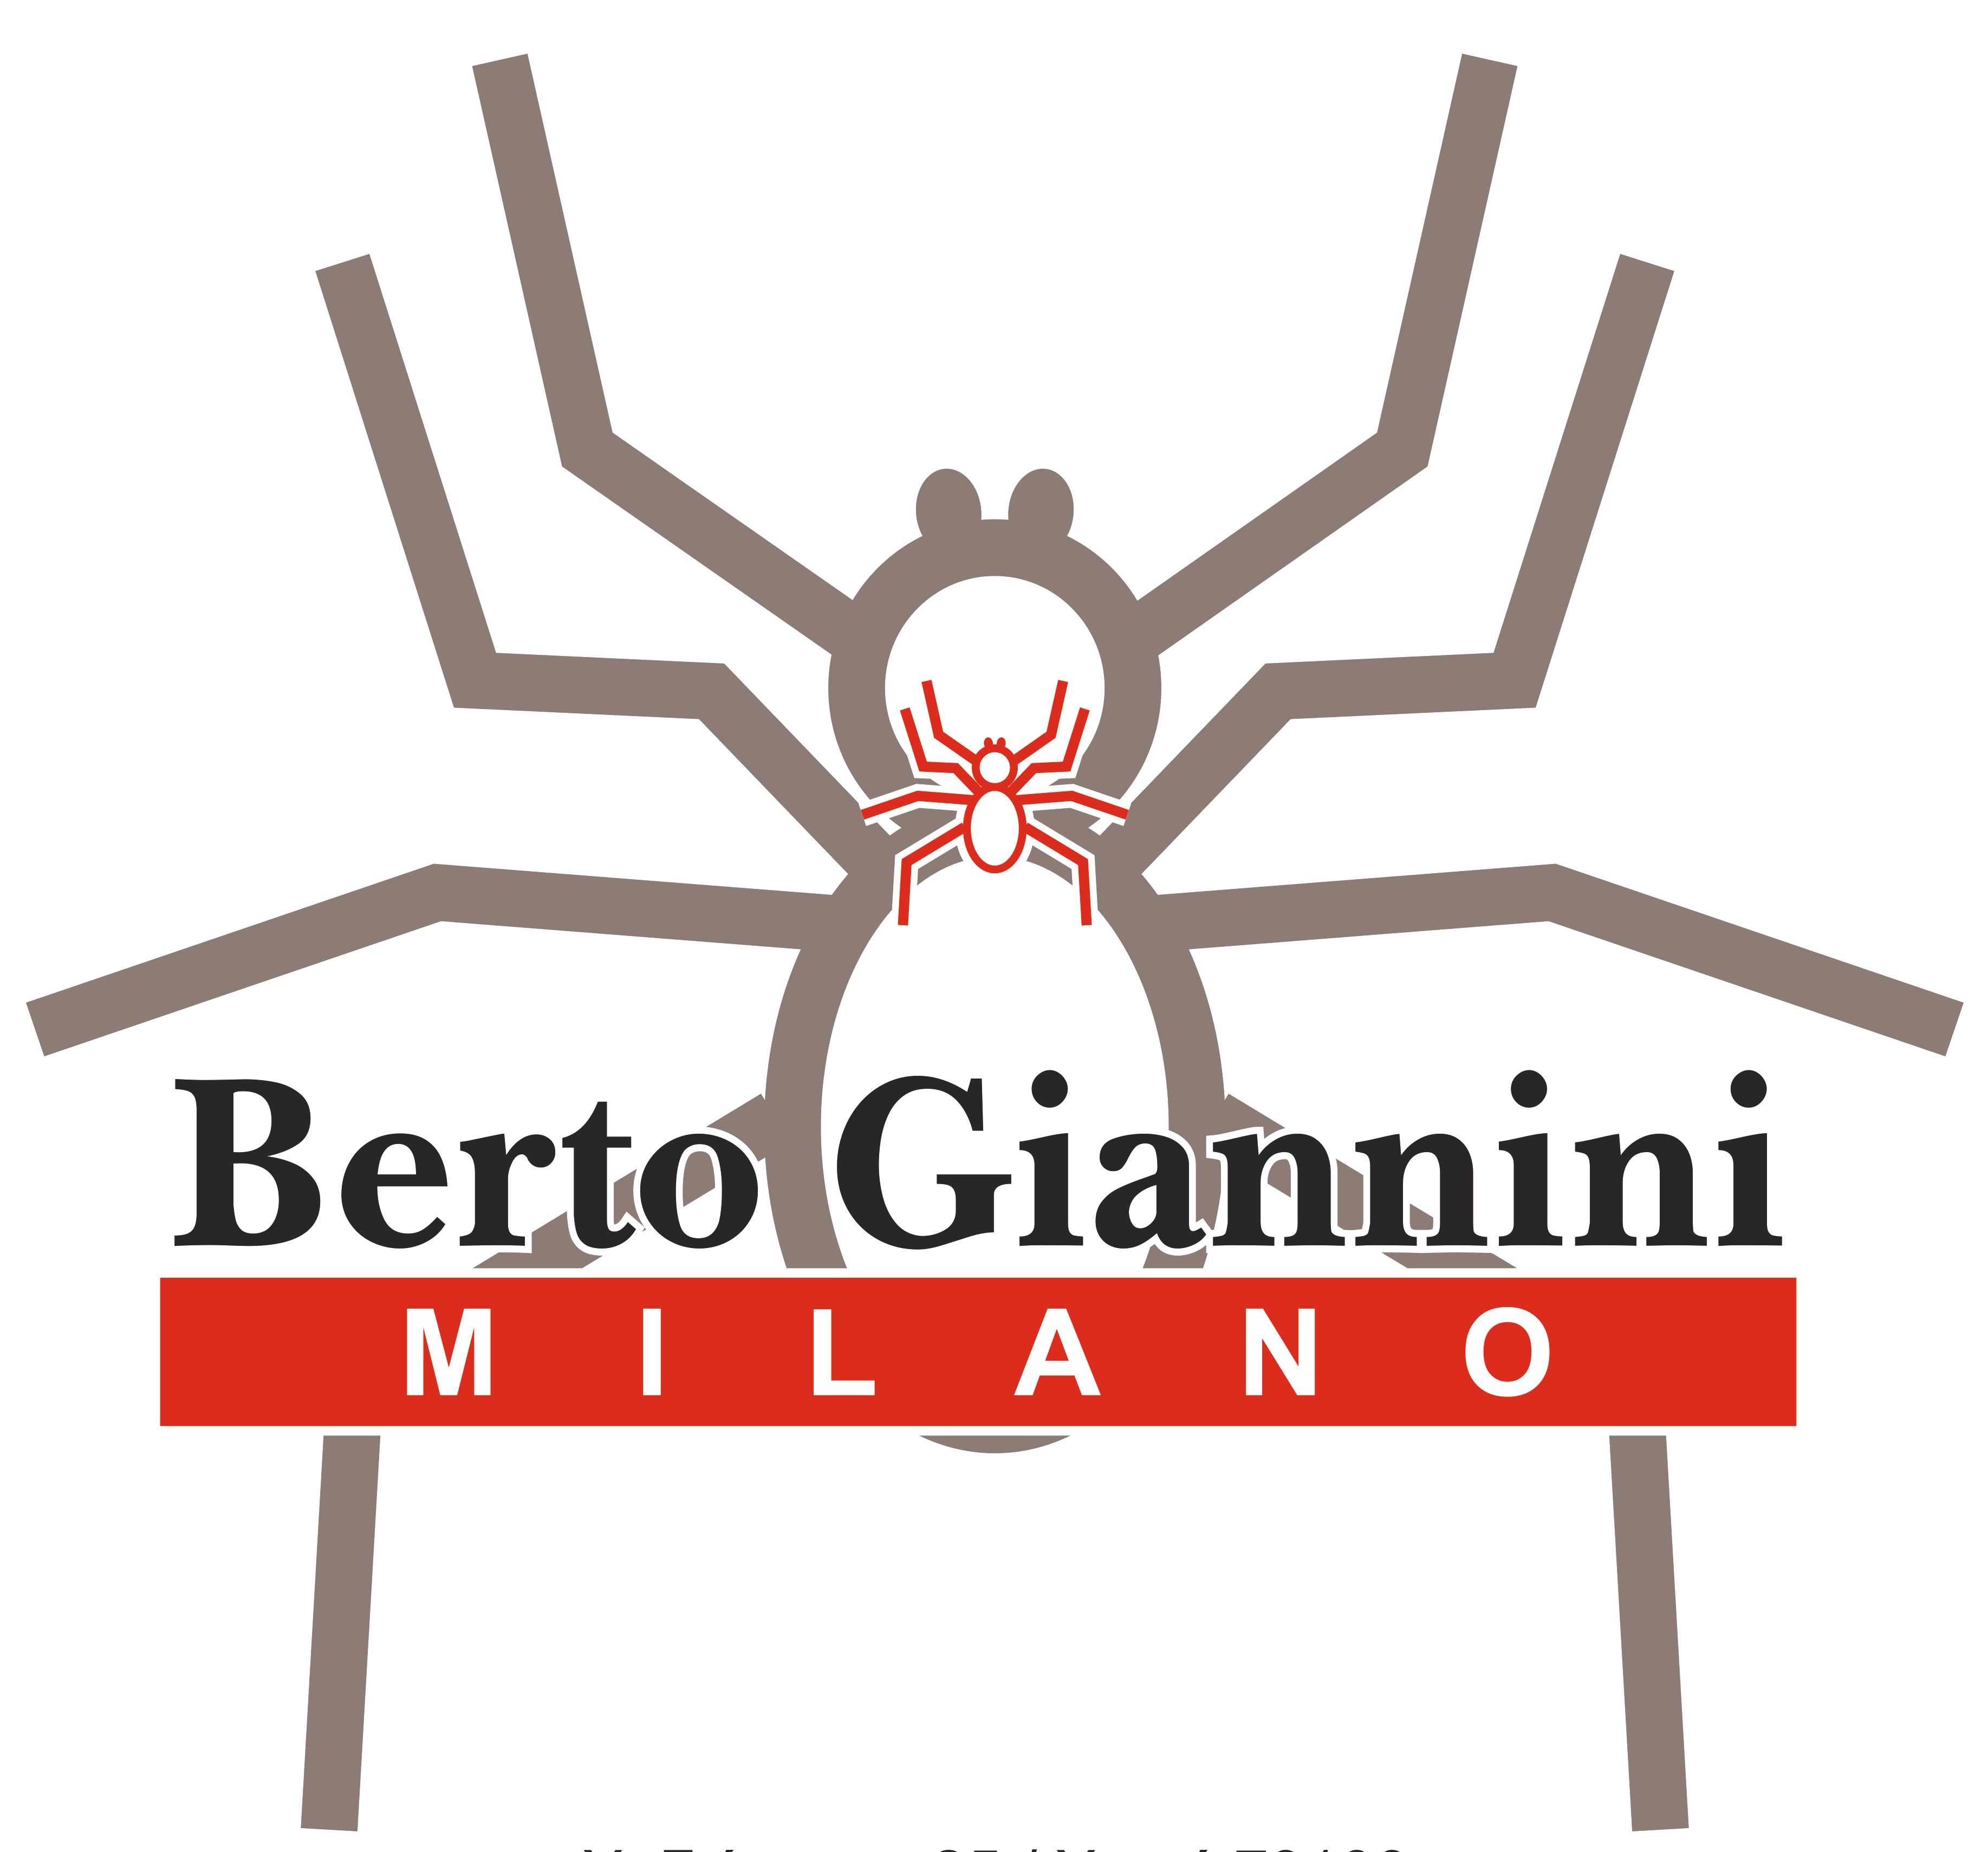 Berto Giannini Milano